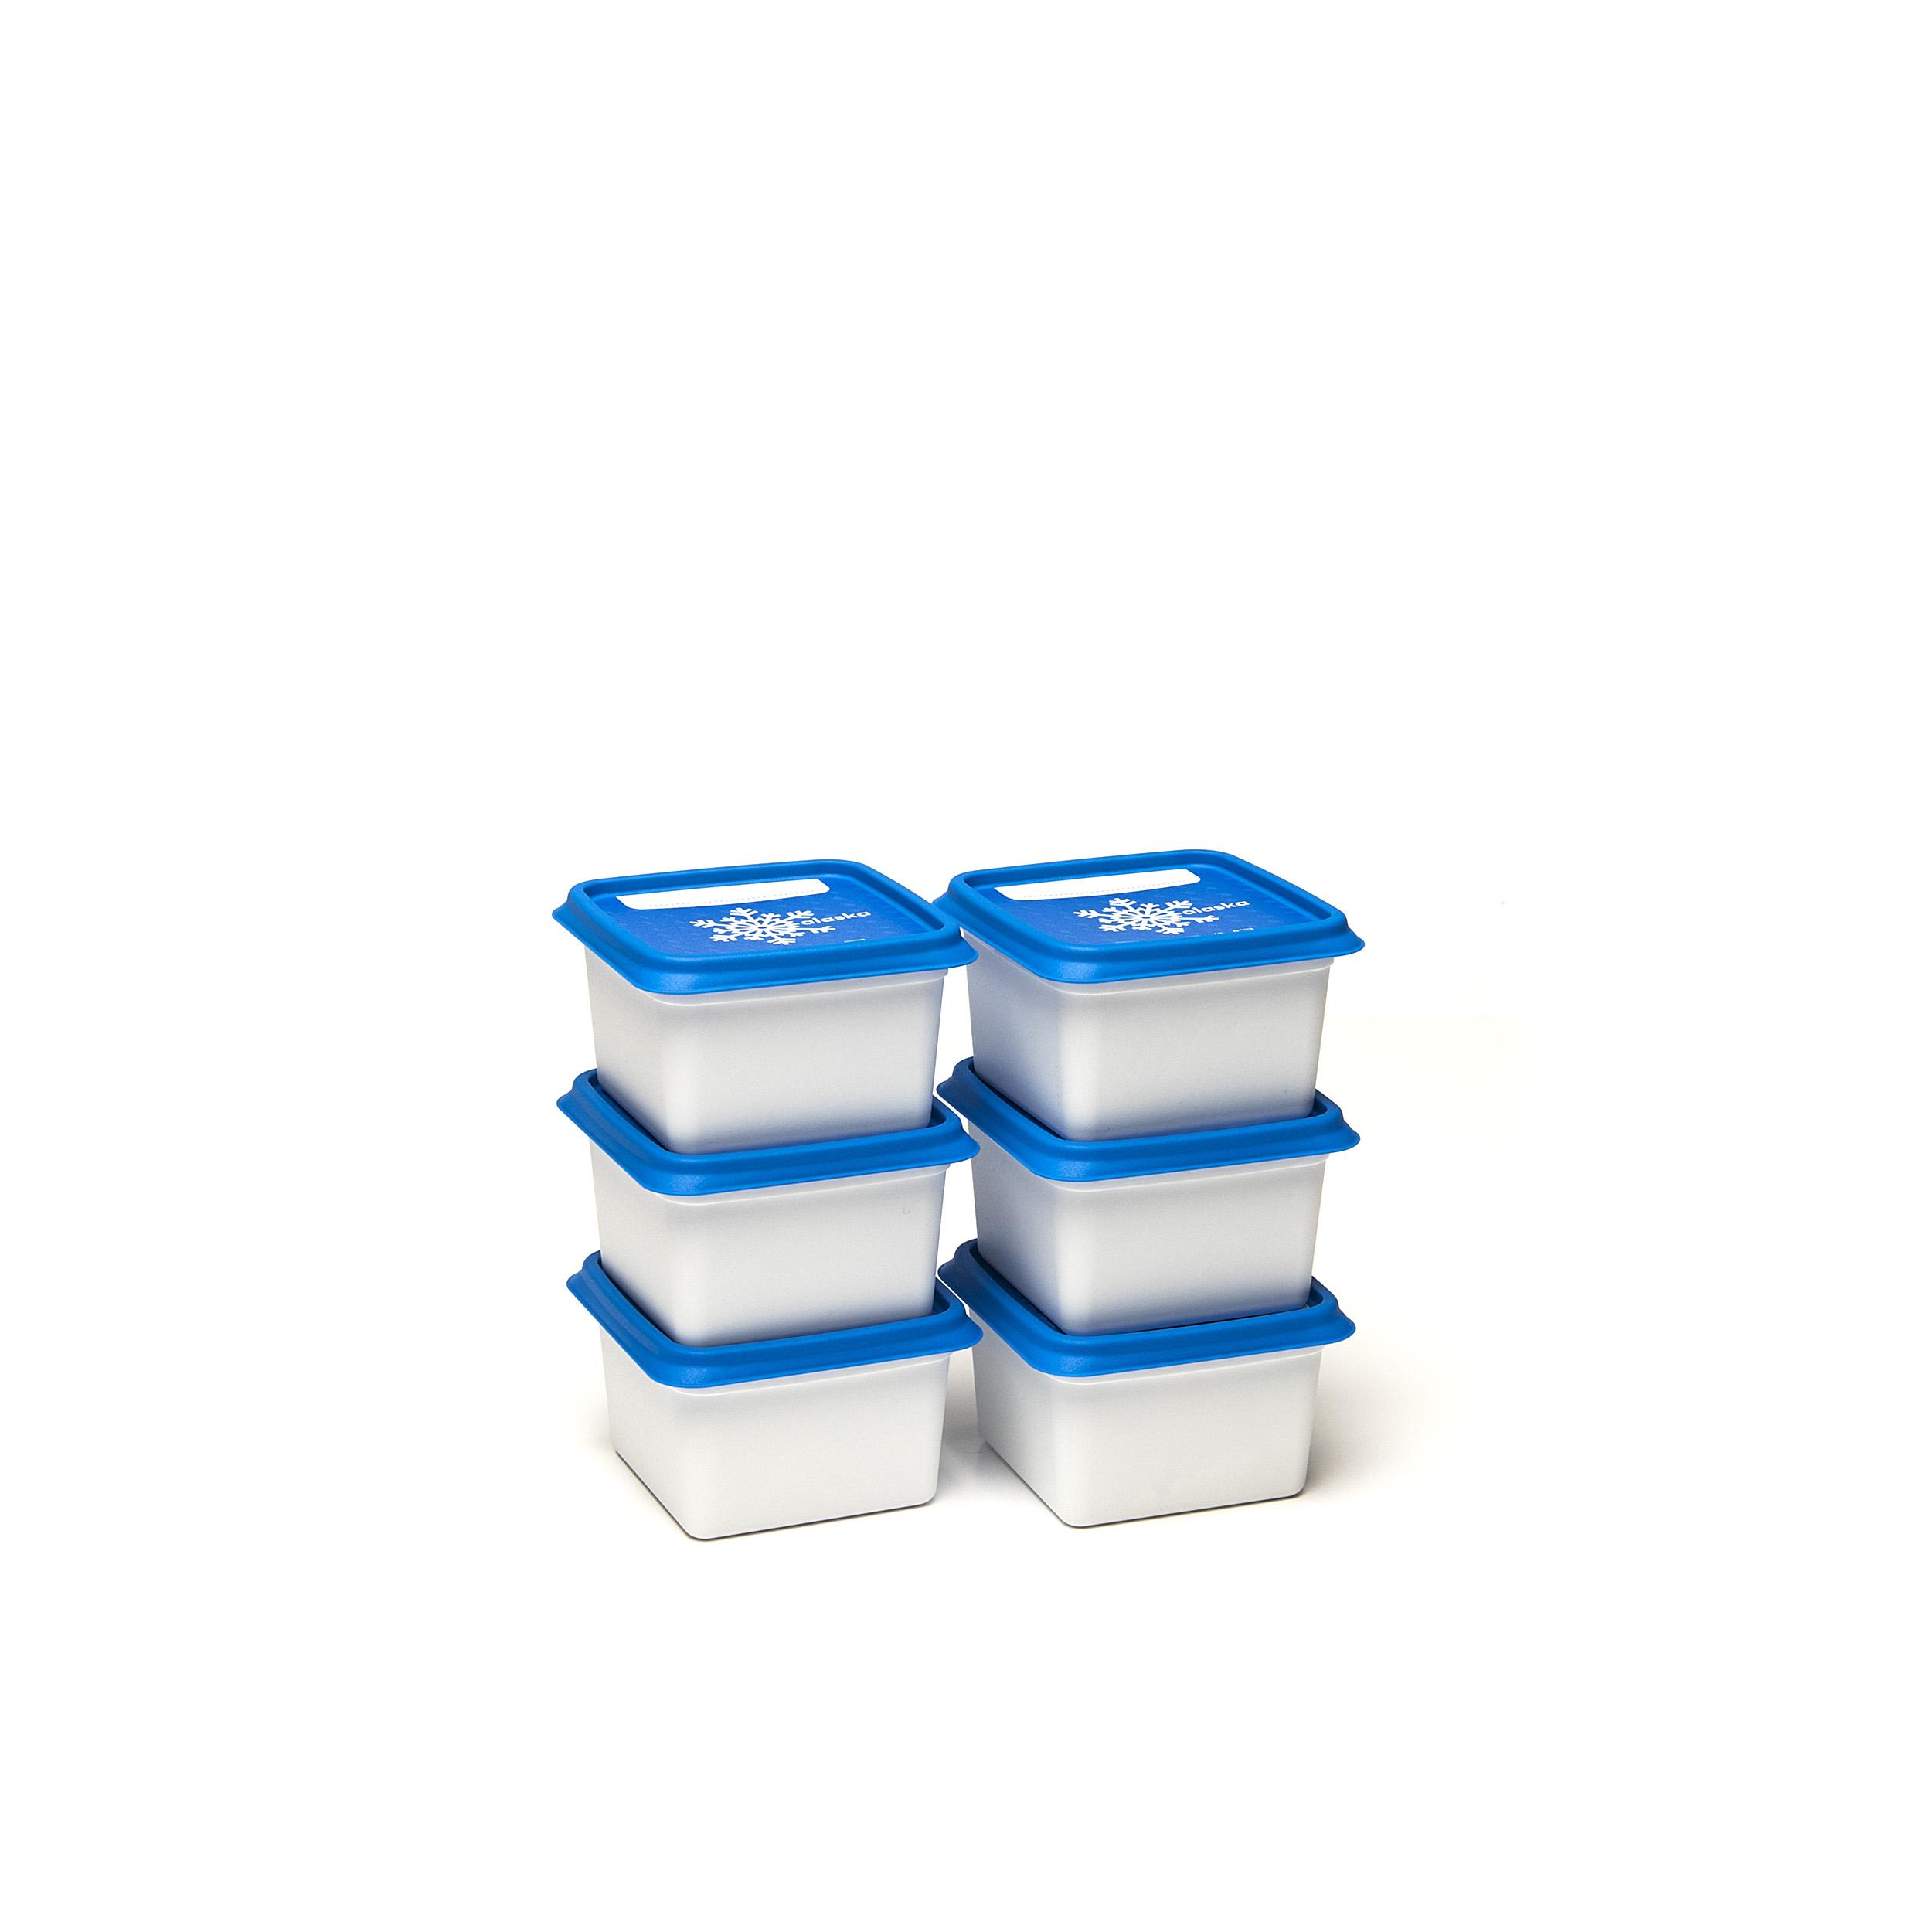 Alaska® 200ml (set1x6) - .... Got lots to freeze? Then these Alaska® freezer boxes will be a great help. They will save space in your freezer, can be stacked on top and inside each other. You can find them in every format imaginable and can easily write the contents on the outside. Dirty? Pop them in the dishwasher and they will be as good as new. .. Beaucoup d'aliments à congeler ? Ces boîtes de congélation Alaska® sont faites pour cela. Elles vous font gagner de la place dans votre congélateur, sont empilables mais aussi emboîtables. Disponibles dans tous les formats imaginables, on peut aussi y mentionner le contenu facilement. Sales ? Mettez-les dans le lave-vaisselle et elles en sortiront comme neuves. .. Veel in te vriezen? Dan zijn deze Alaska®-vriesdozen jouw redder in nood. Ze besparen plek in je diepvriezer, zijn stapelbaar én nestbaar. Je vindt ze in elk denkbaar formaat en schrijft er vlotjes de inhoud op. Vuil? Stop ze in de vaatwasmachine en ze zijn weer als nieuw. .. Sie haben viel zum Einfrieren? Dann sind diese Alaska®-Tiefkühlbehälter Ihr Retter in der Not. Sie sparen Platz im Tiefkühlschrank, sind stapel- und schachtelbar. Es gibt sie in jedem denkbaren Format und sie lassen sich leicht beschriften. Schmutzig? Geben Sie sie in die Spülmaschine und sie sind wieder wie neu. ....